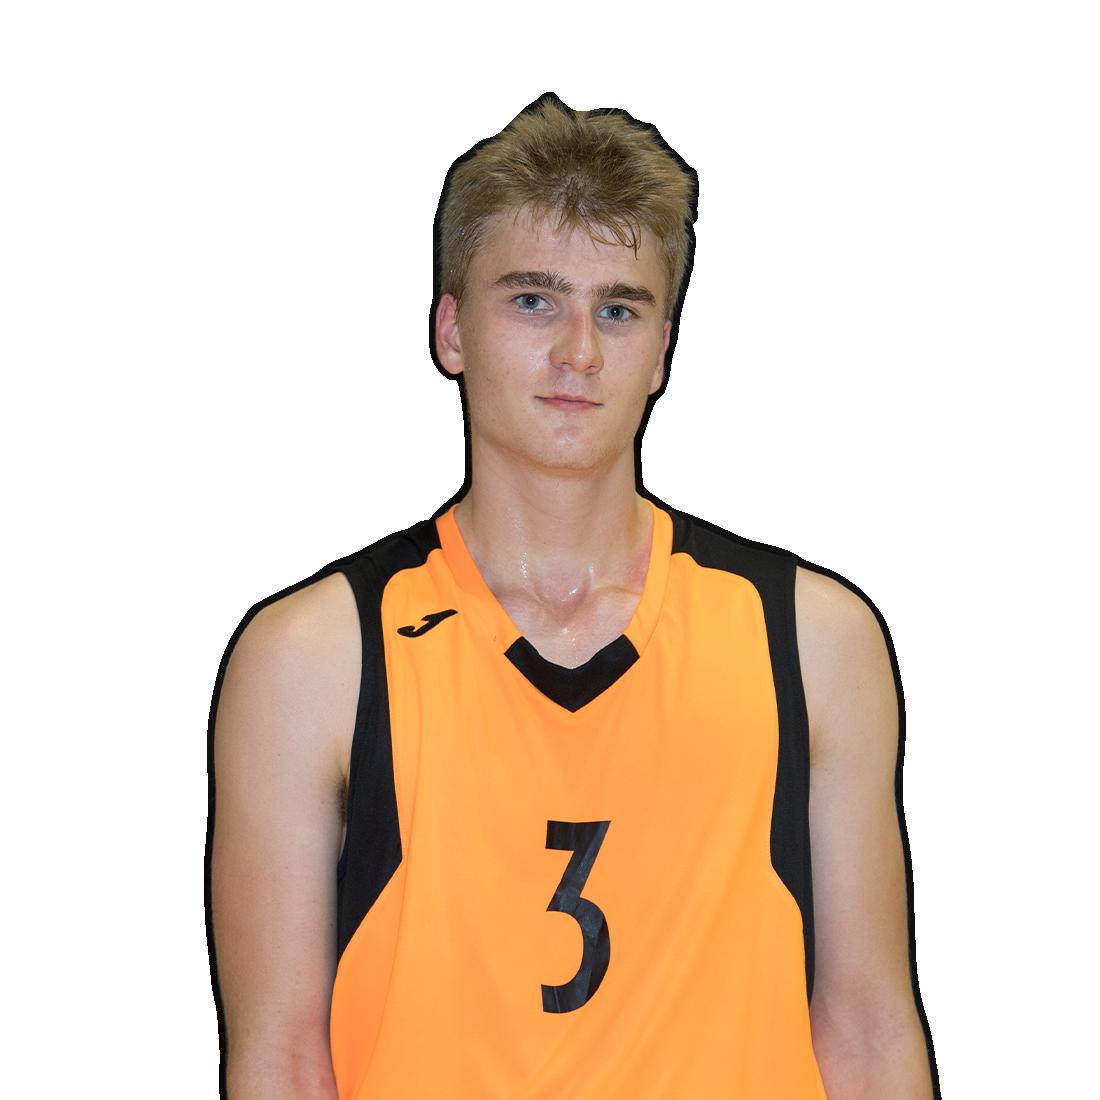 Jakub Giedronowicz